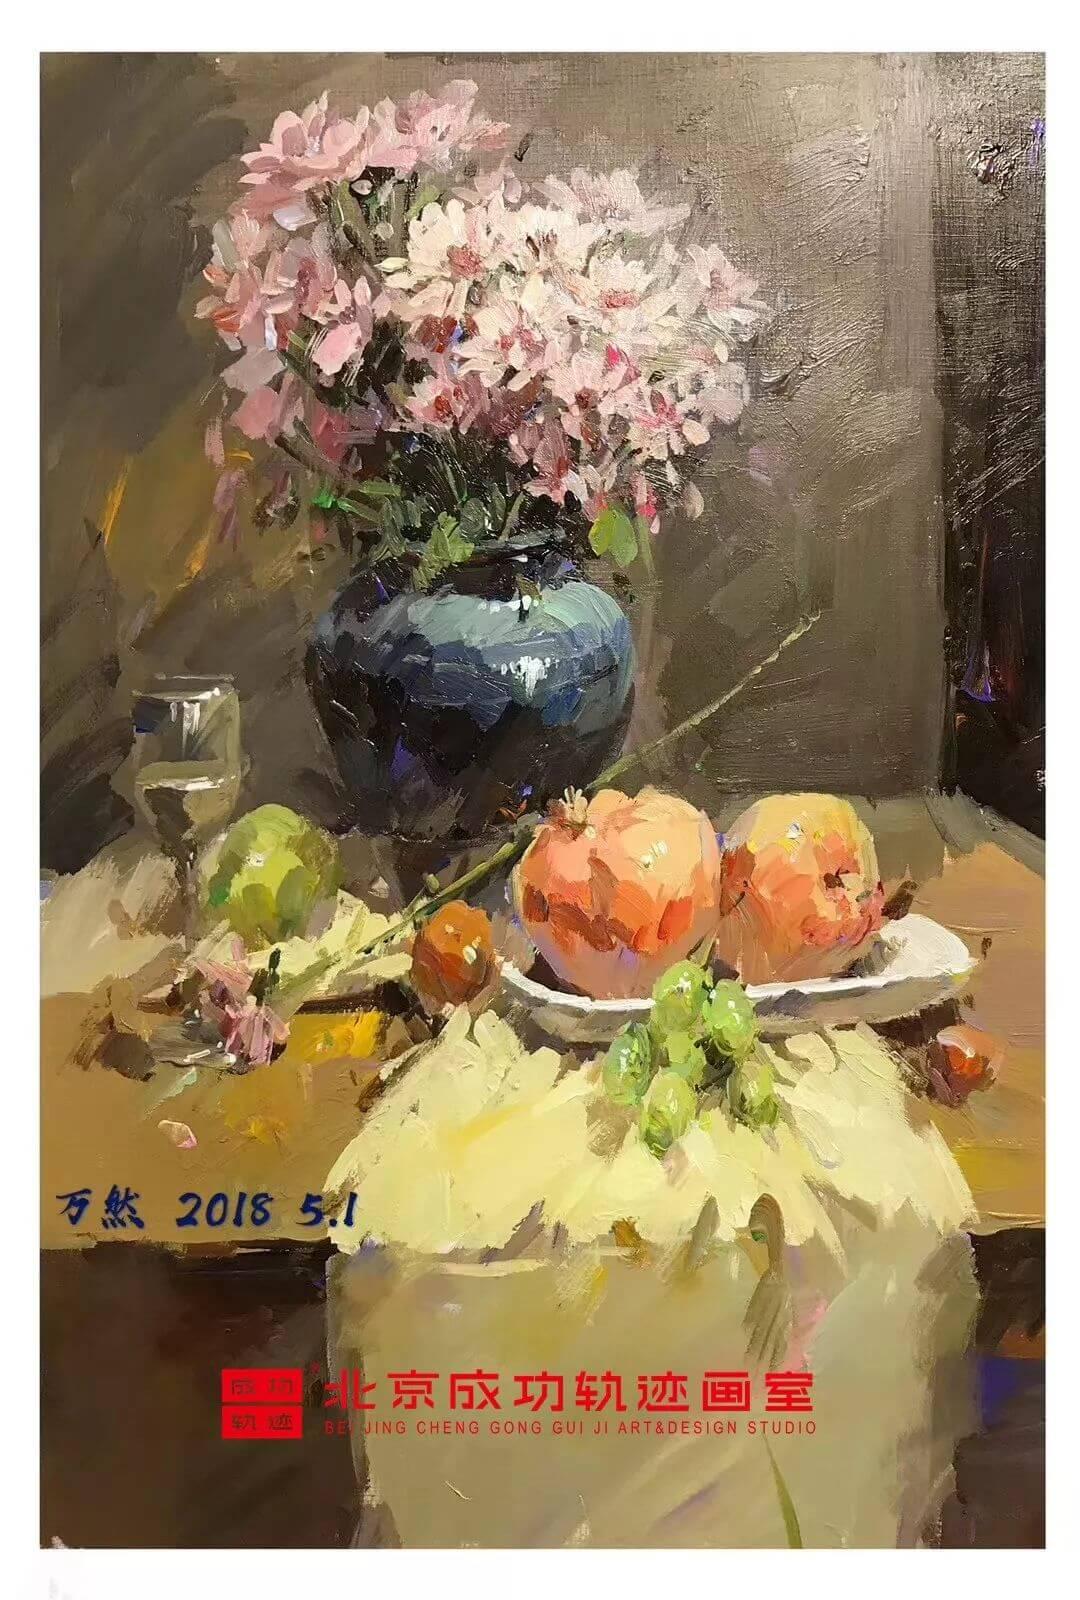 成功轨迹画室直播课堂,北京画室,北京美术培训,美术在线课堂  08